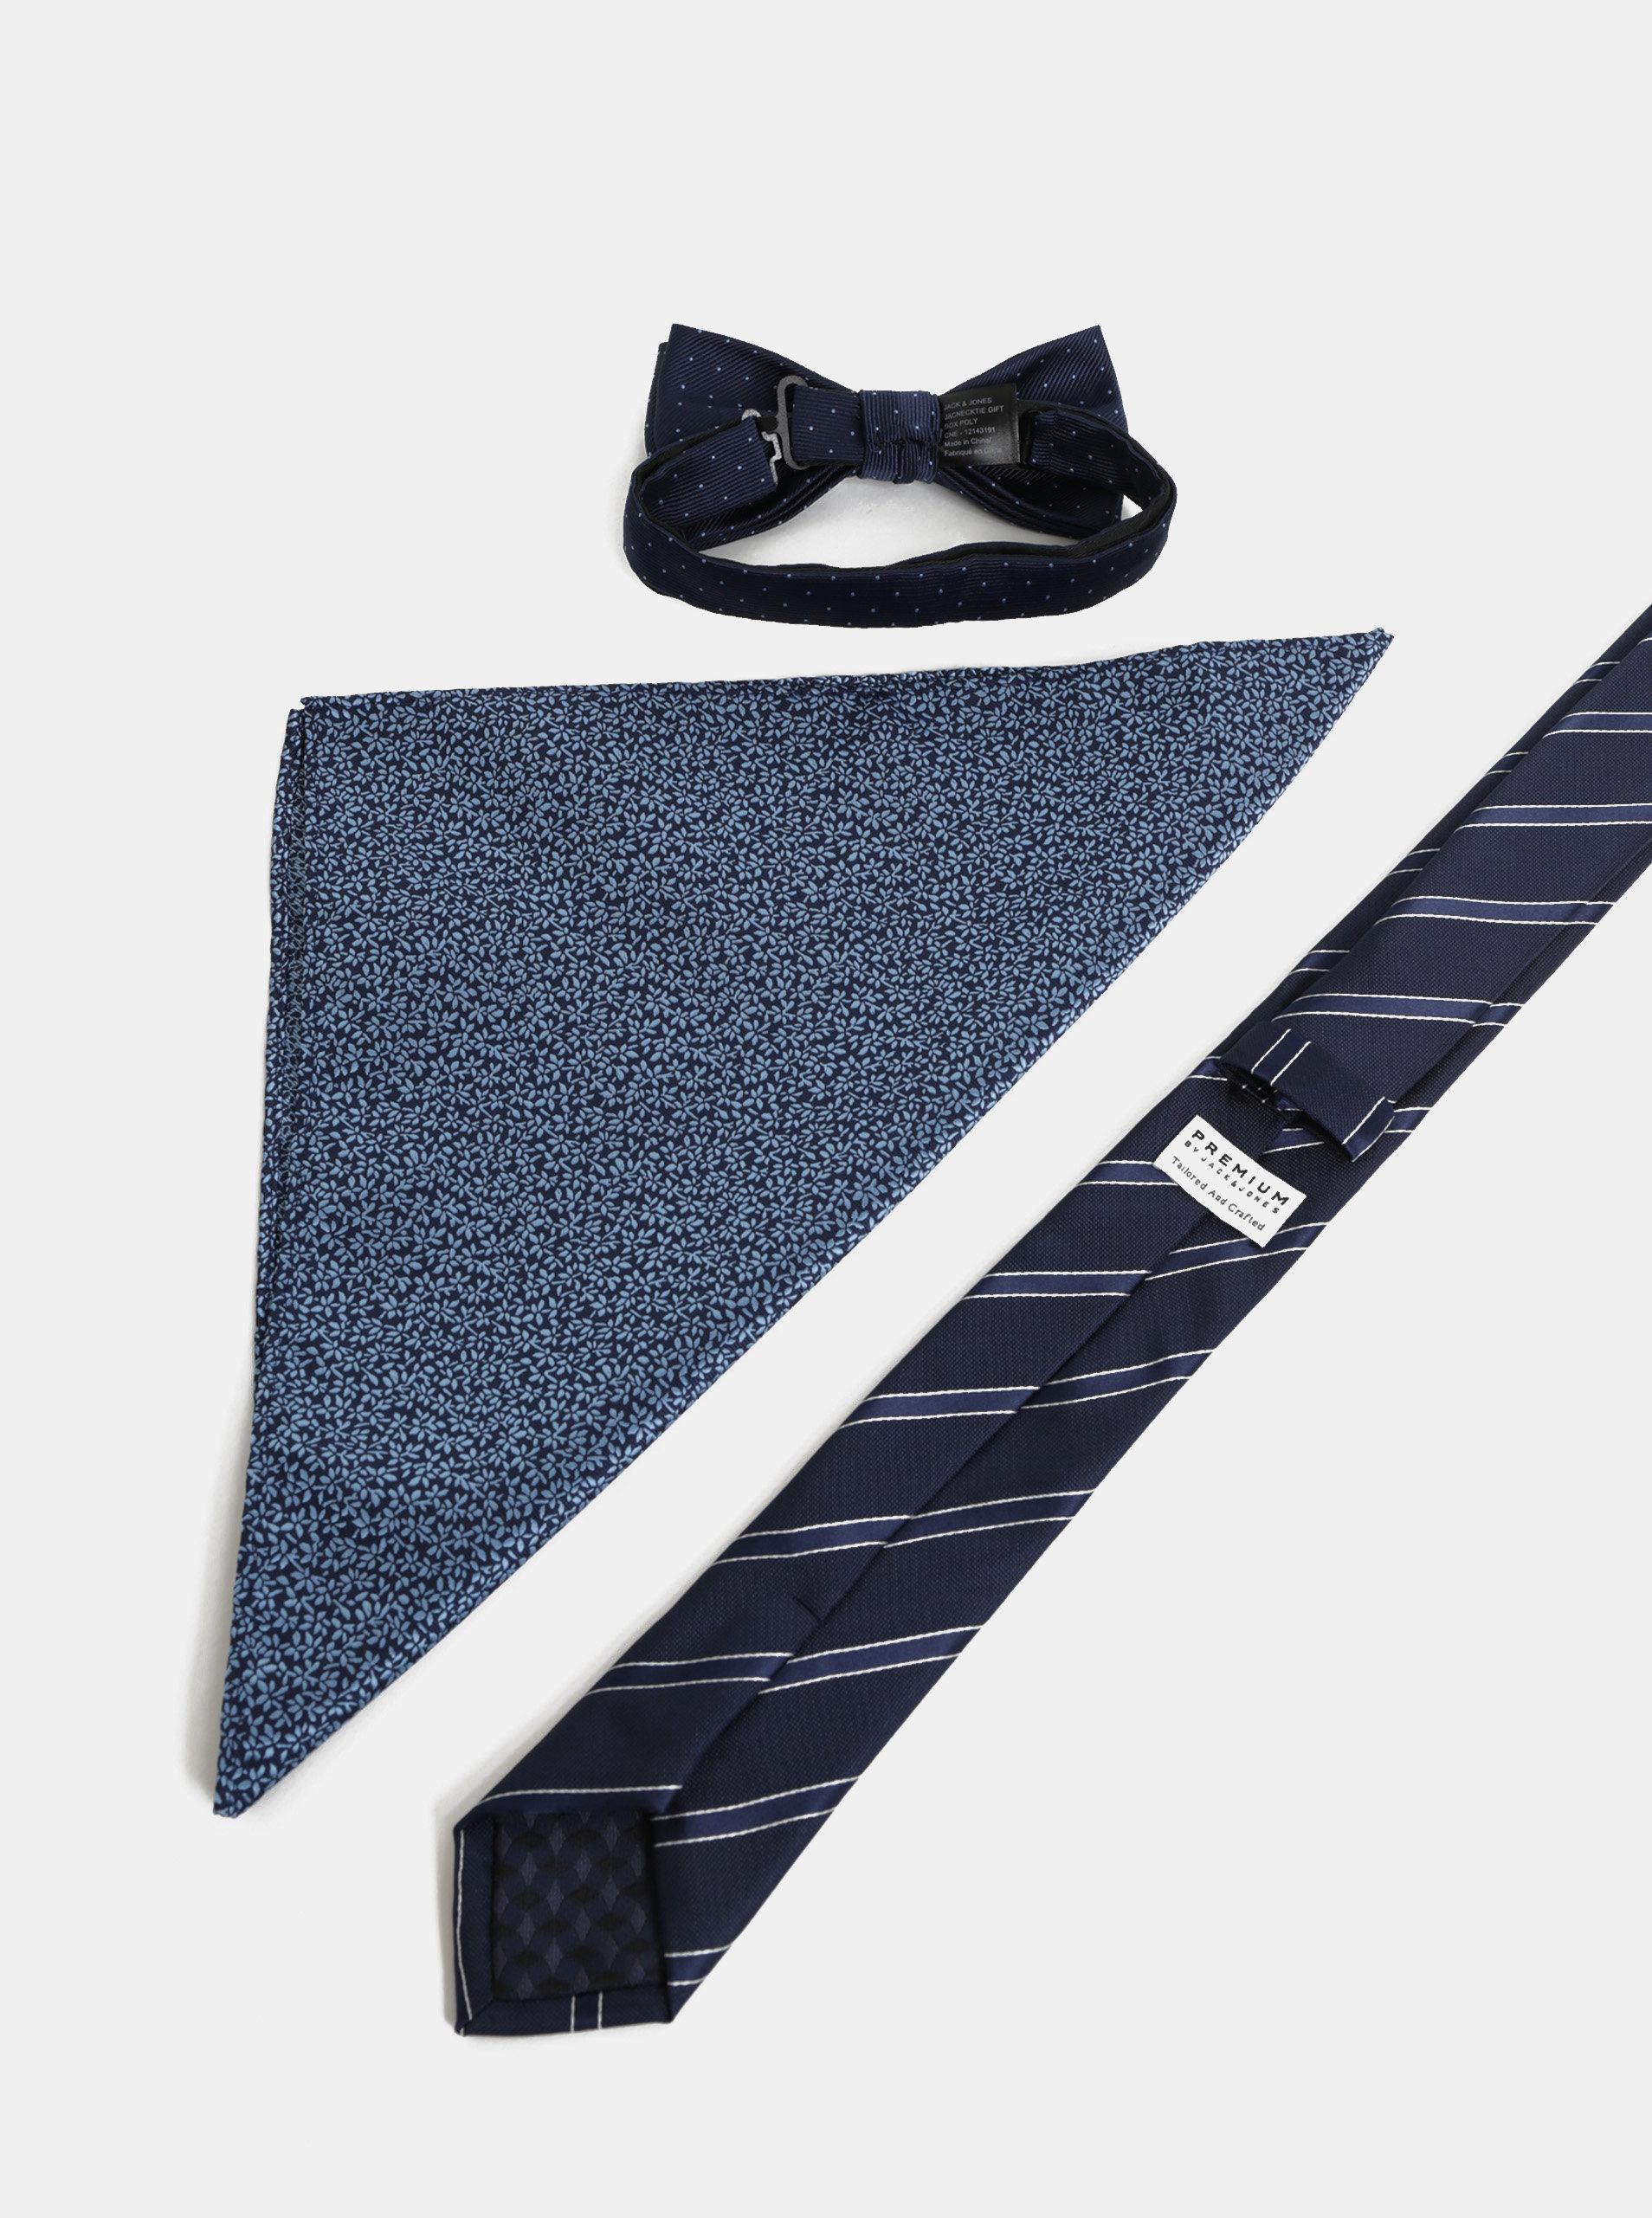 a59197f8435 Dárková sada slim kravaty